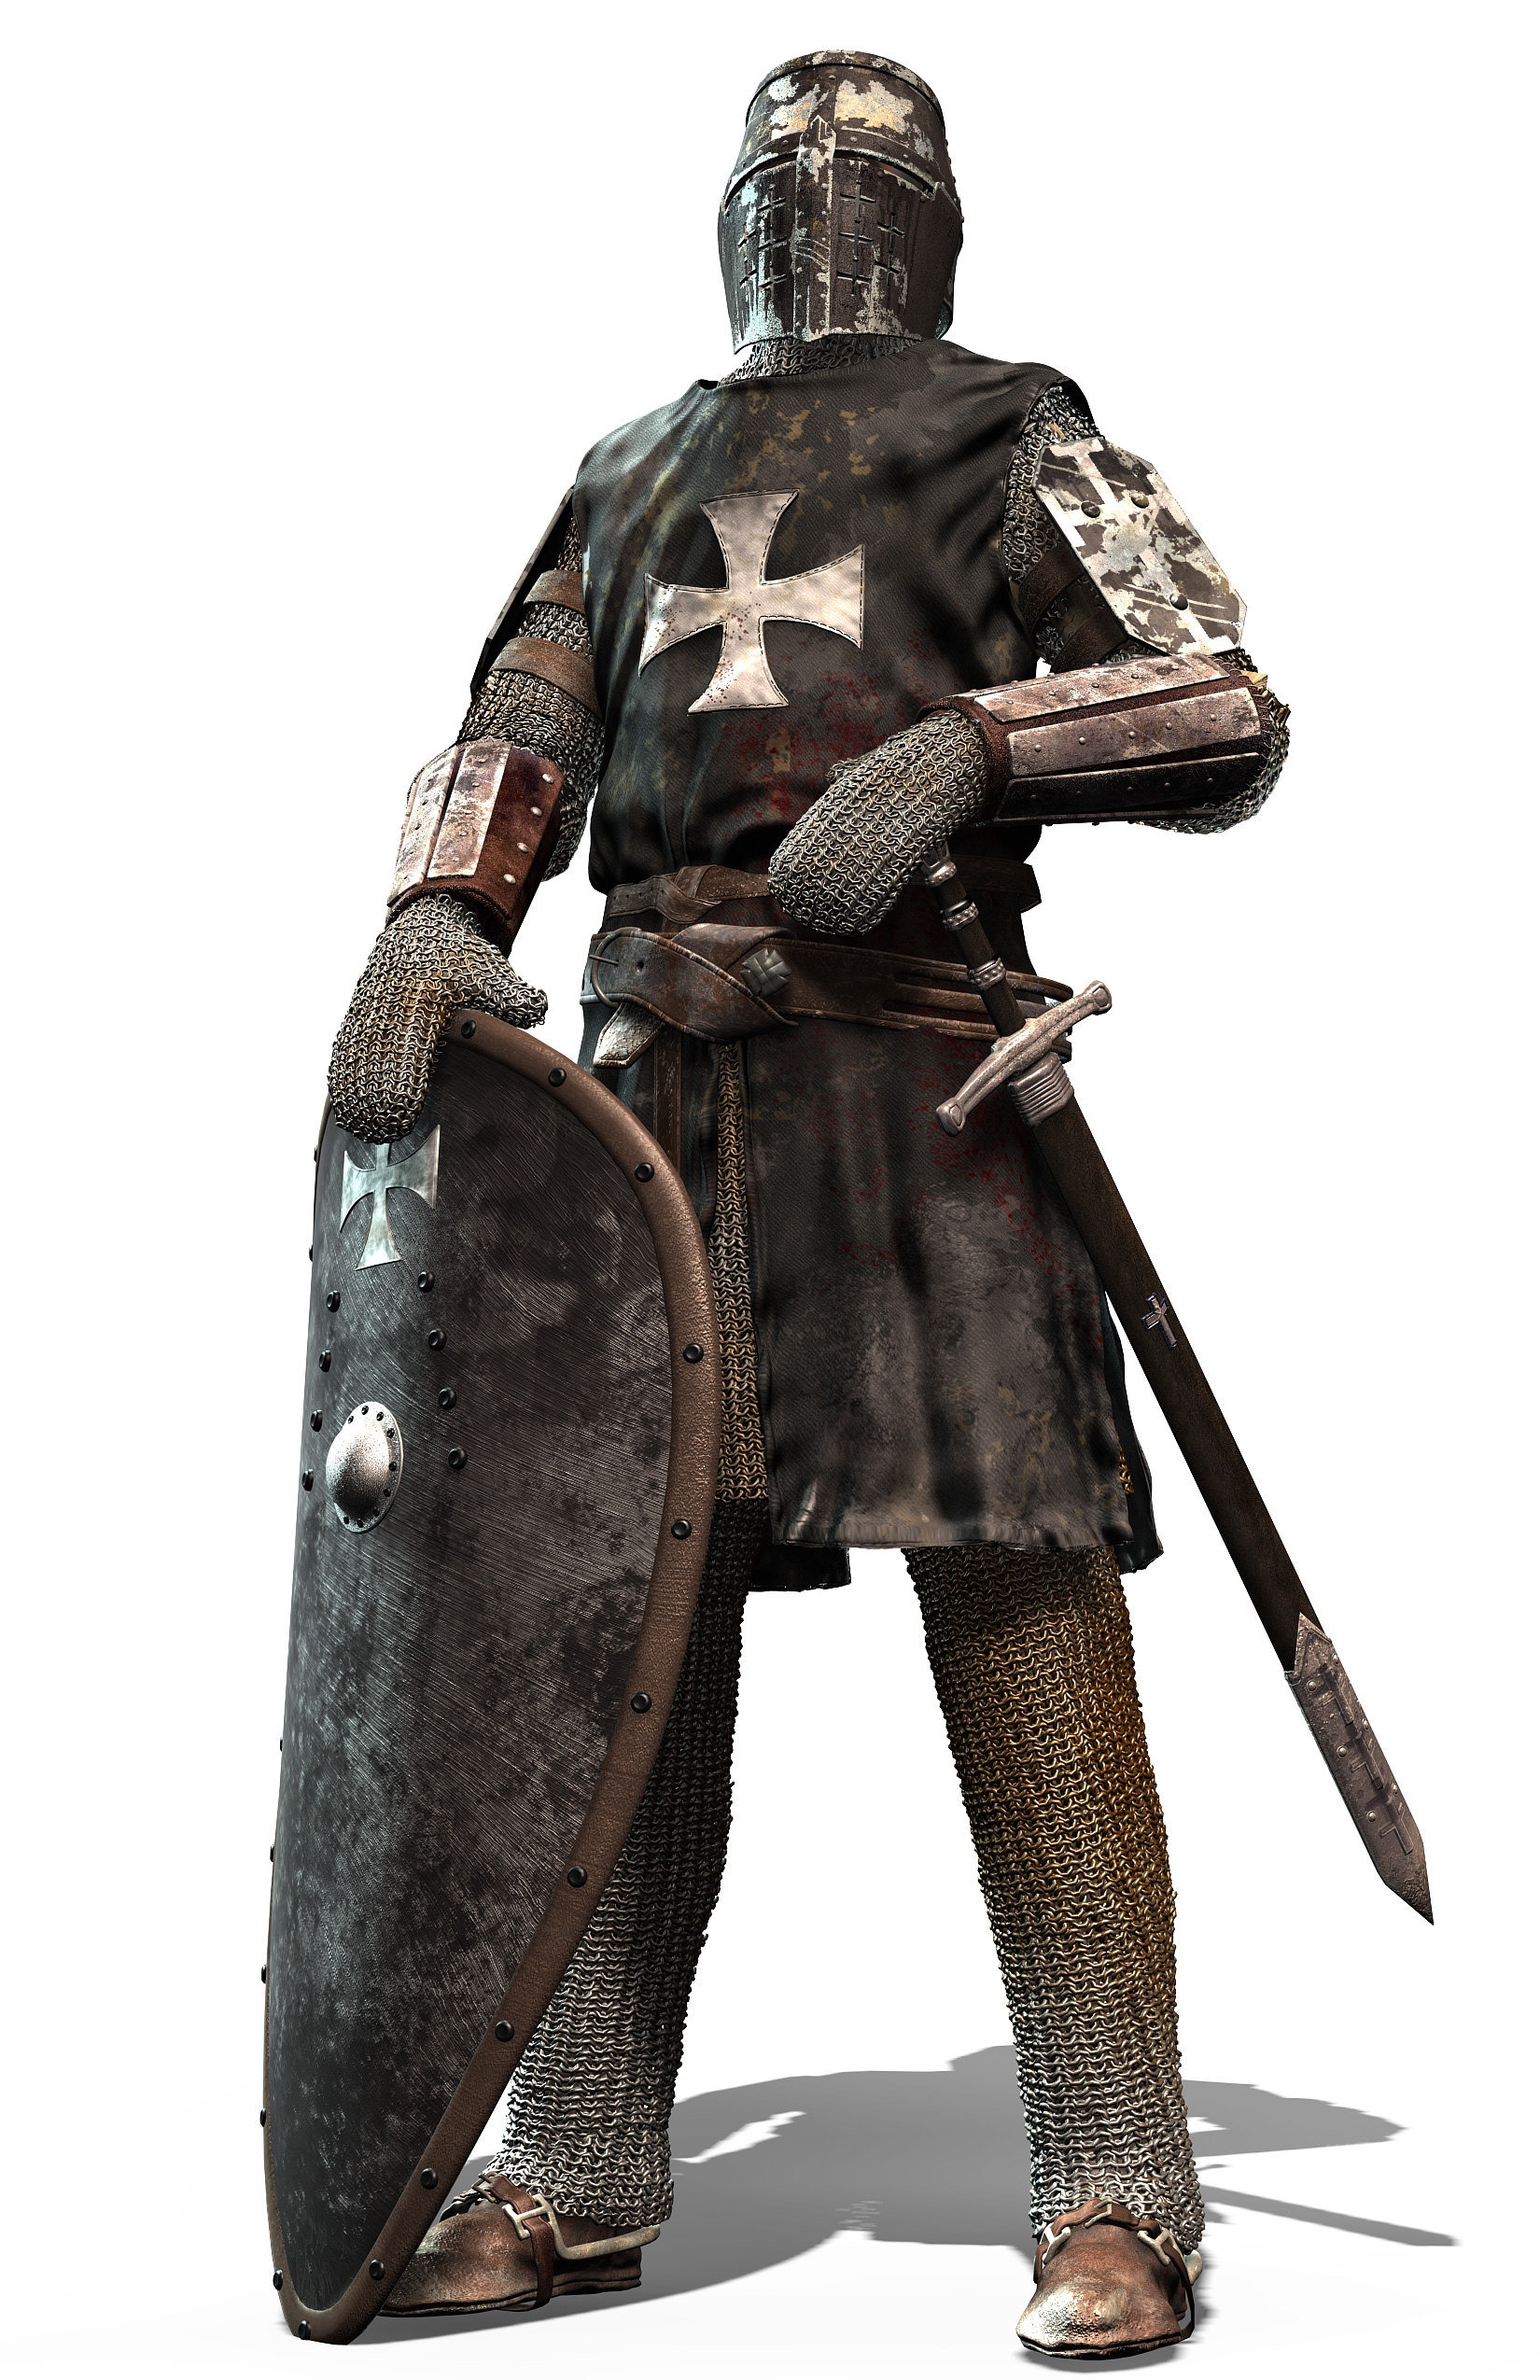 рыцарь крестоносец, скачать клипарт, фото, knight